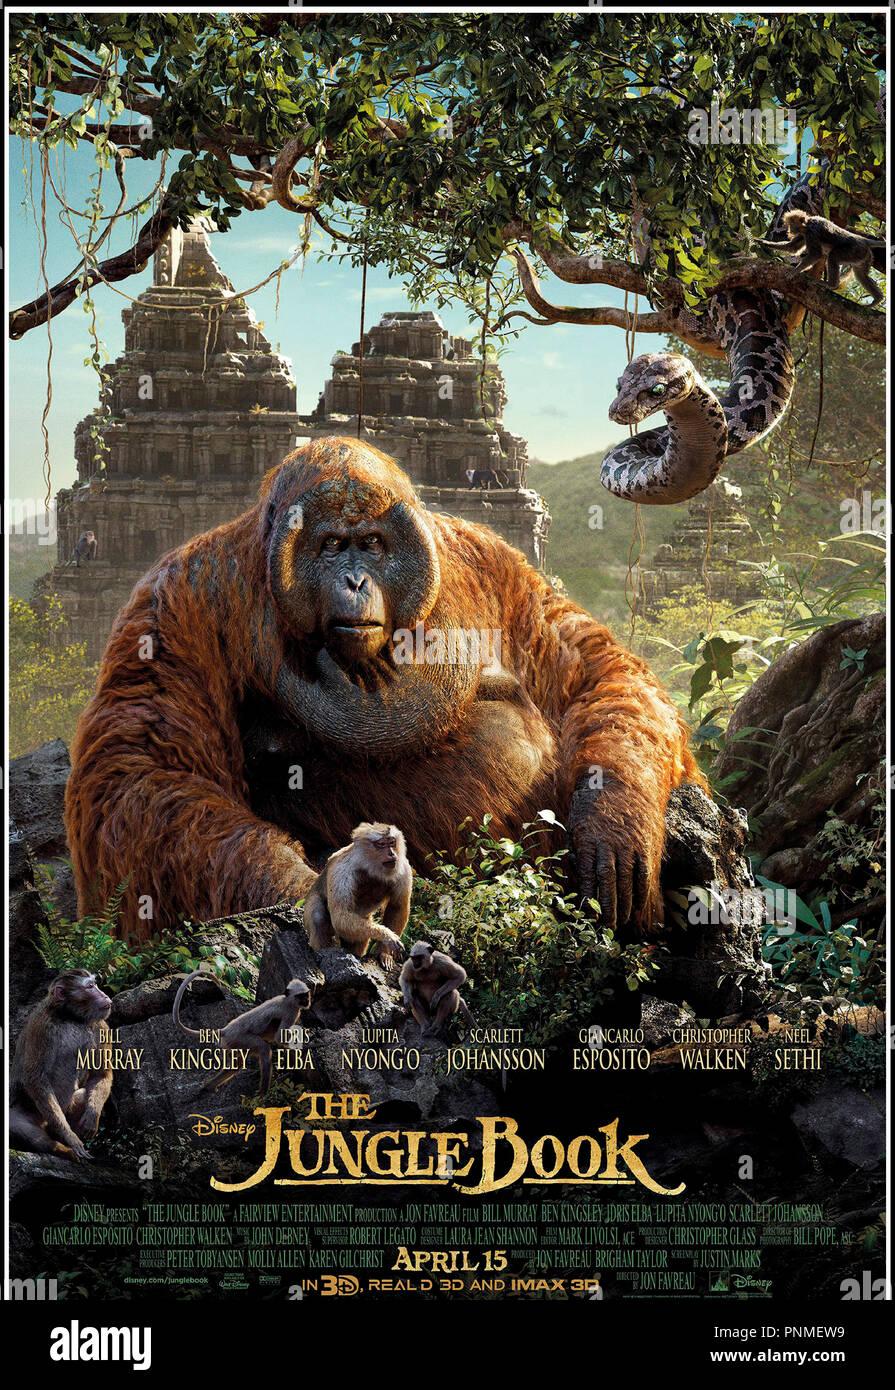 Prod Db C Walt Disney Pictures Fairview Entertainment